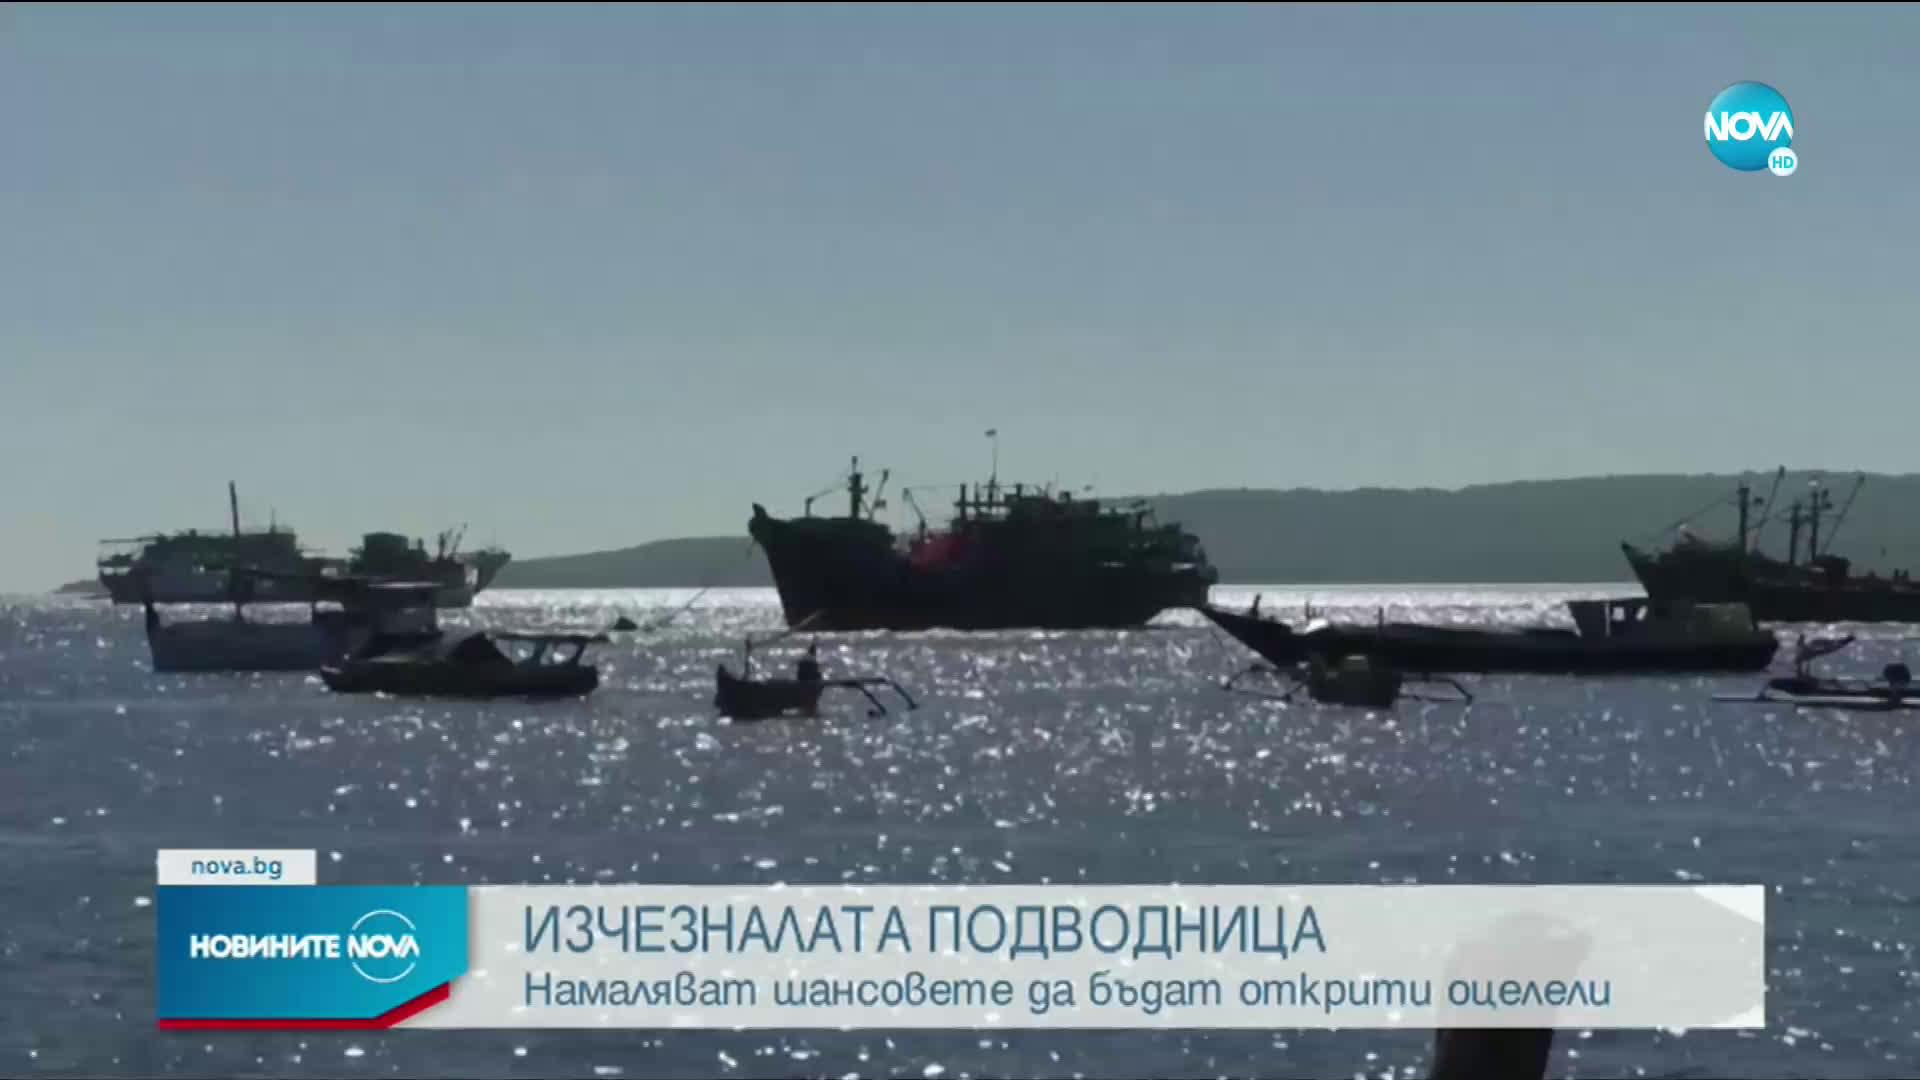 Продължава издирването на изчезналата подводница в Индонезия